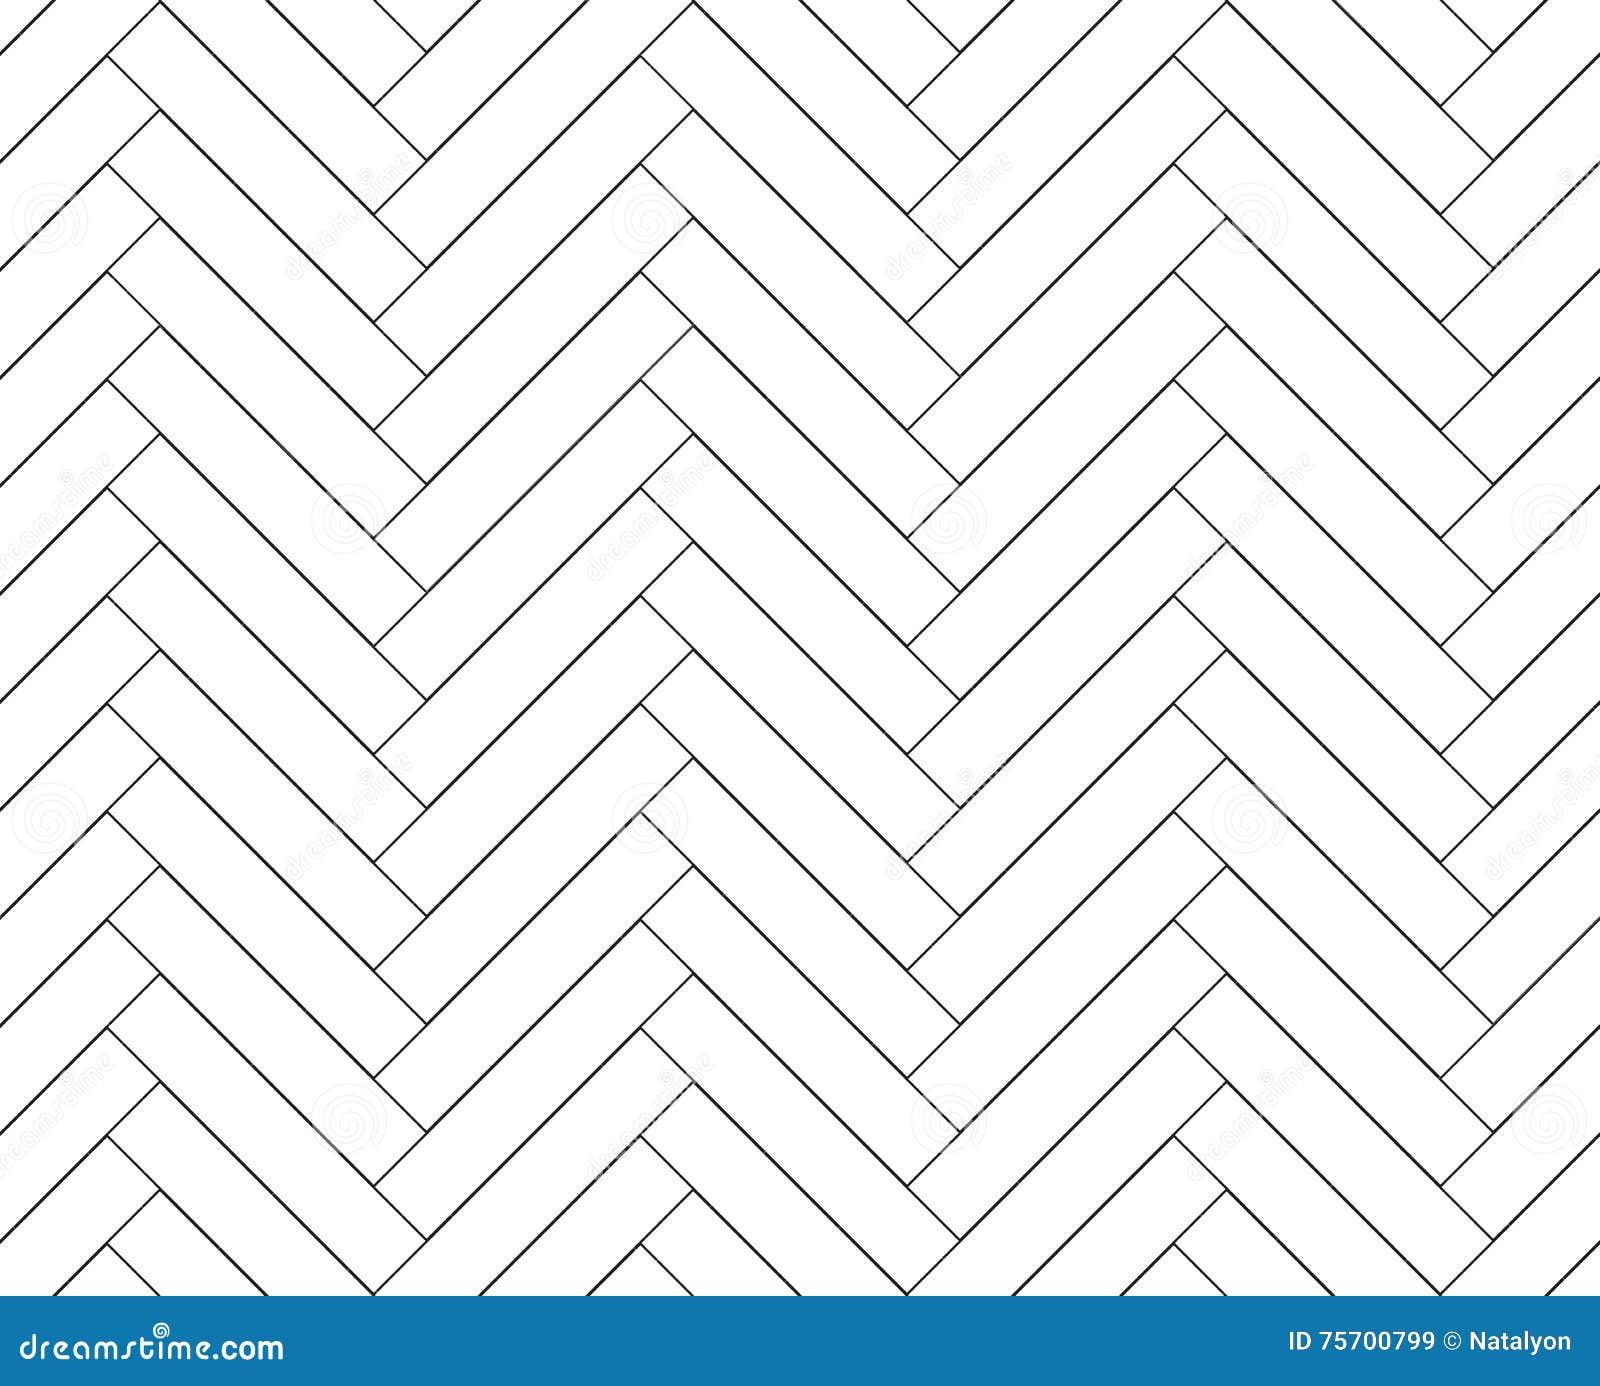 Modello senza cuciture di legno semplice in bianco e nero for Modello di layout del pavimento